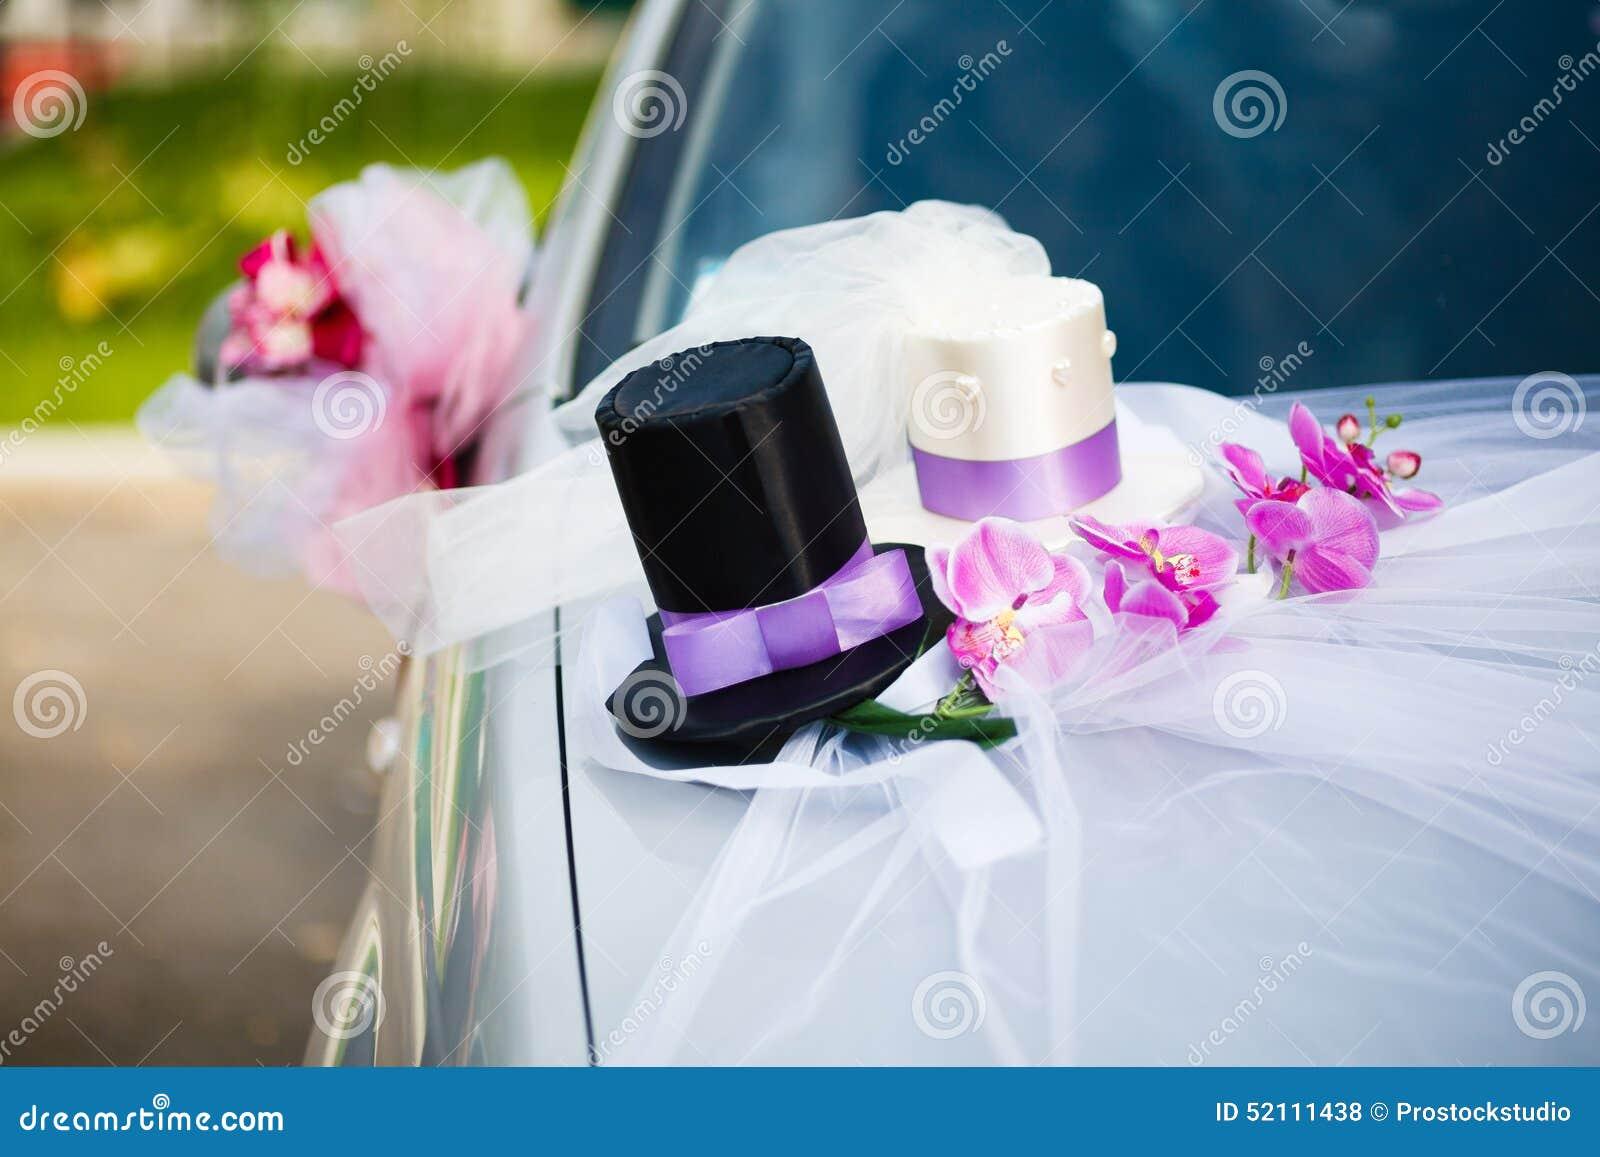 D coration de voiture de mariage avec deux chapeaux sup rieurs photo stock image 52111438 - Decoration de voiture mariage ...